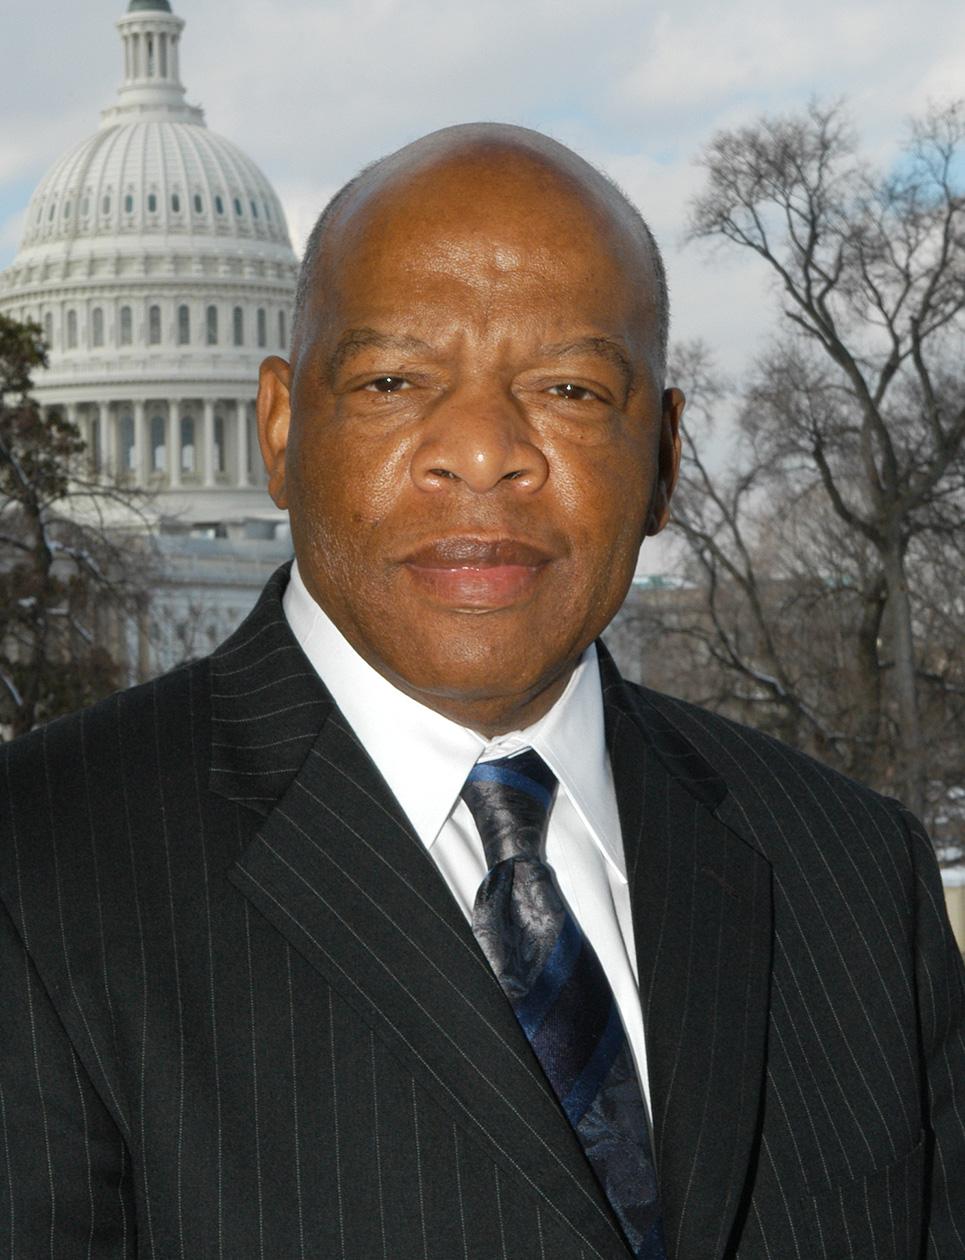 MLK-2-John-Lewis, limiting travel after pancratic cancer diagnosis